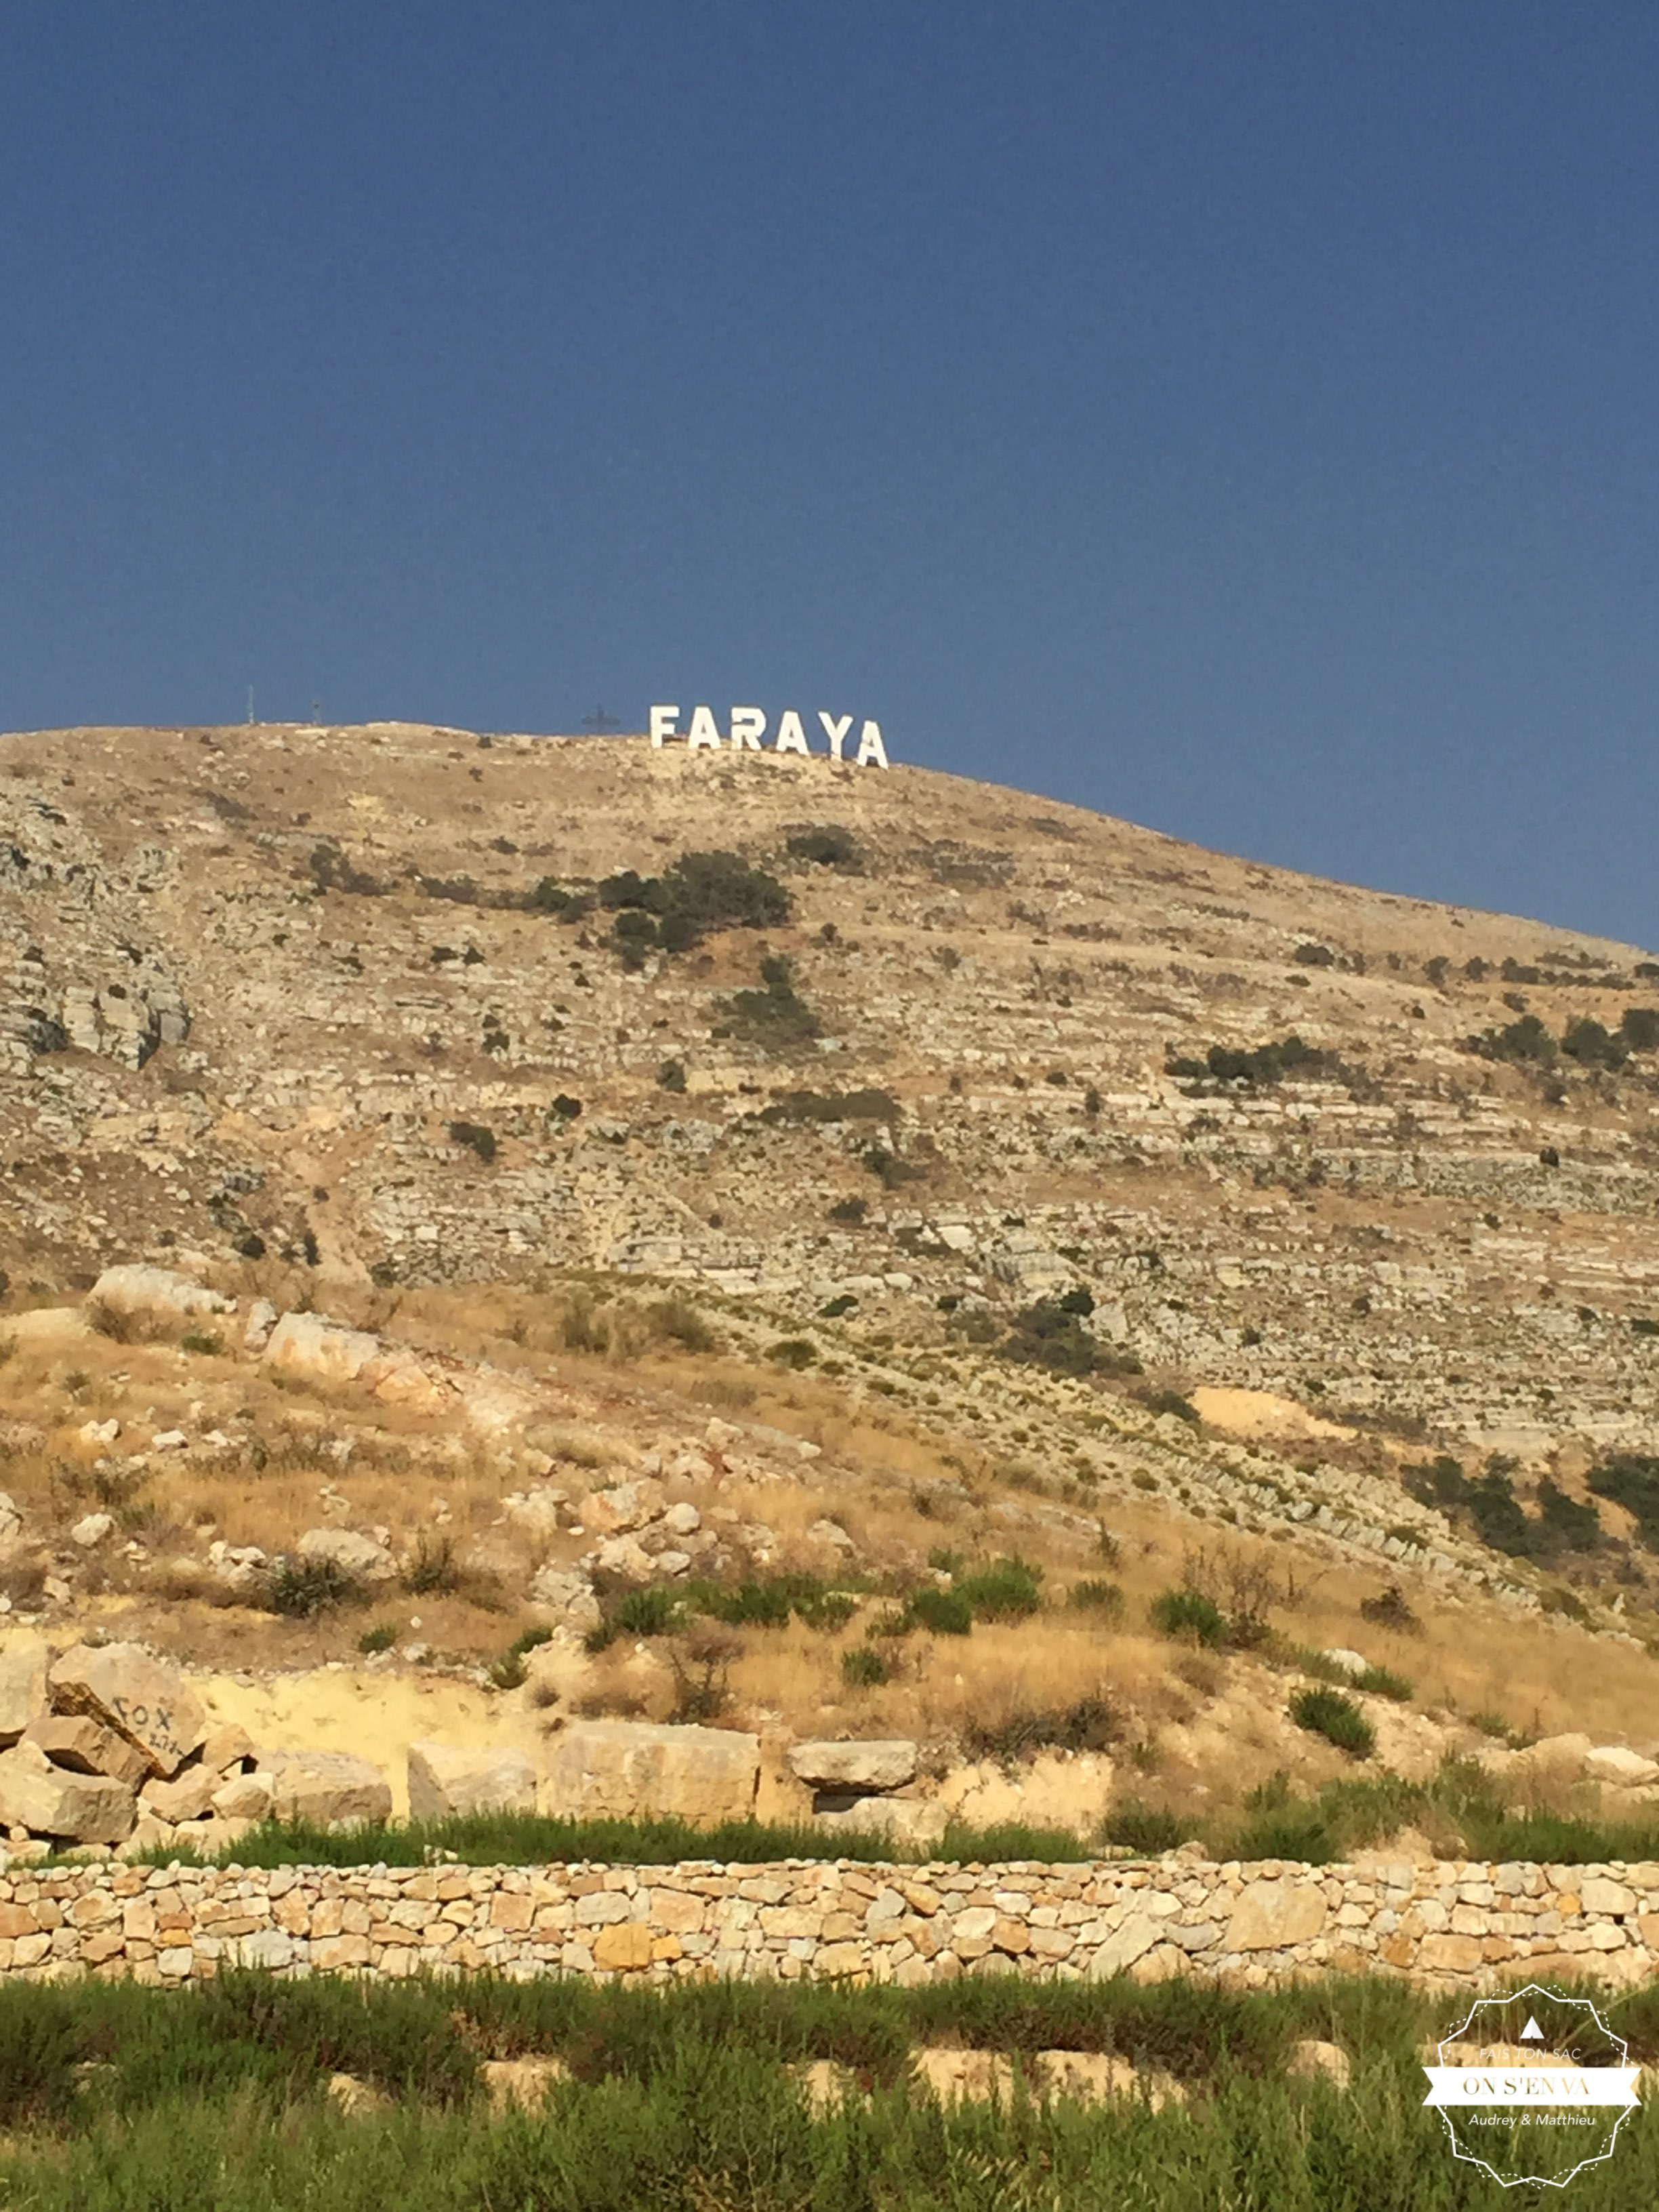 Samedi, arrivée à Faraya